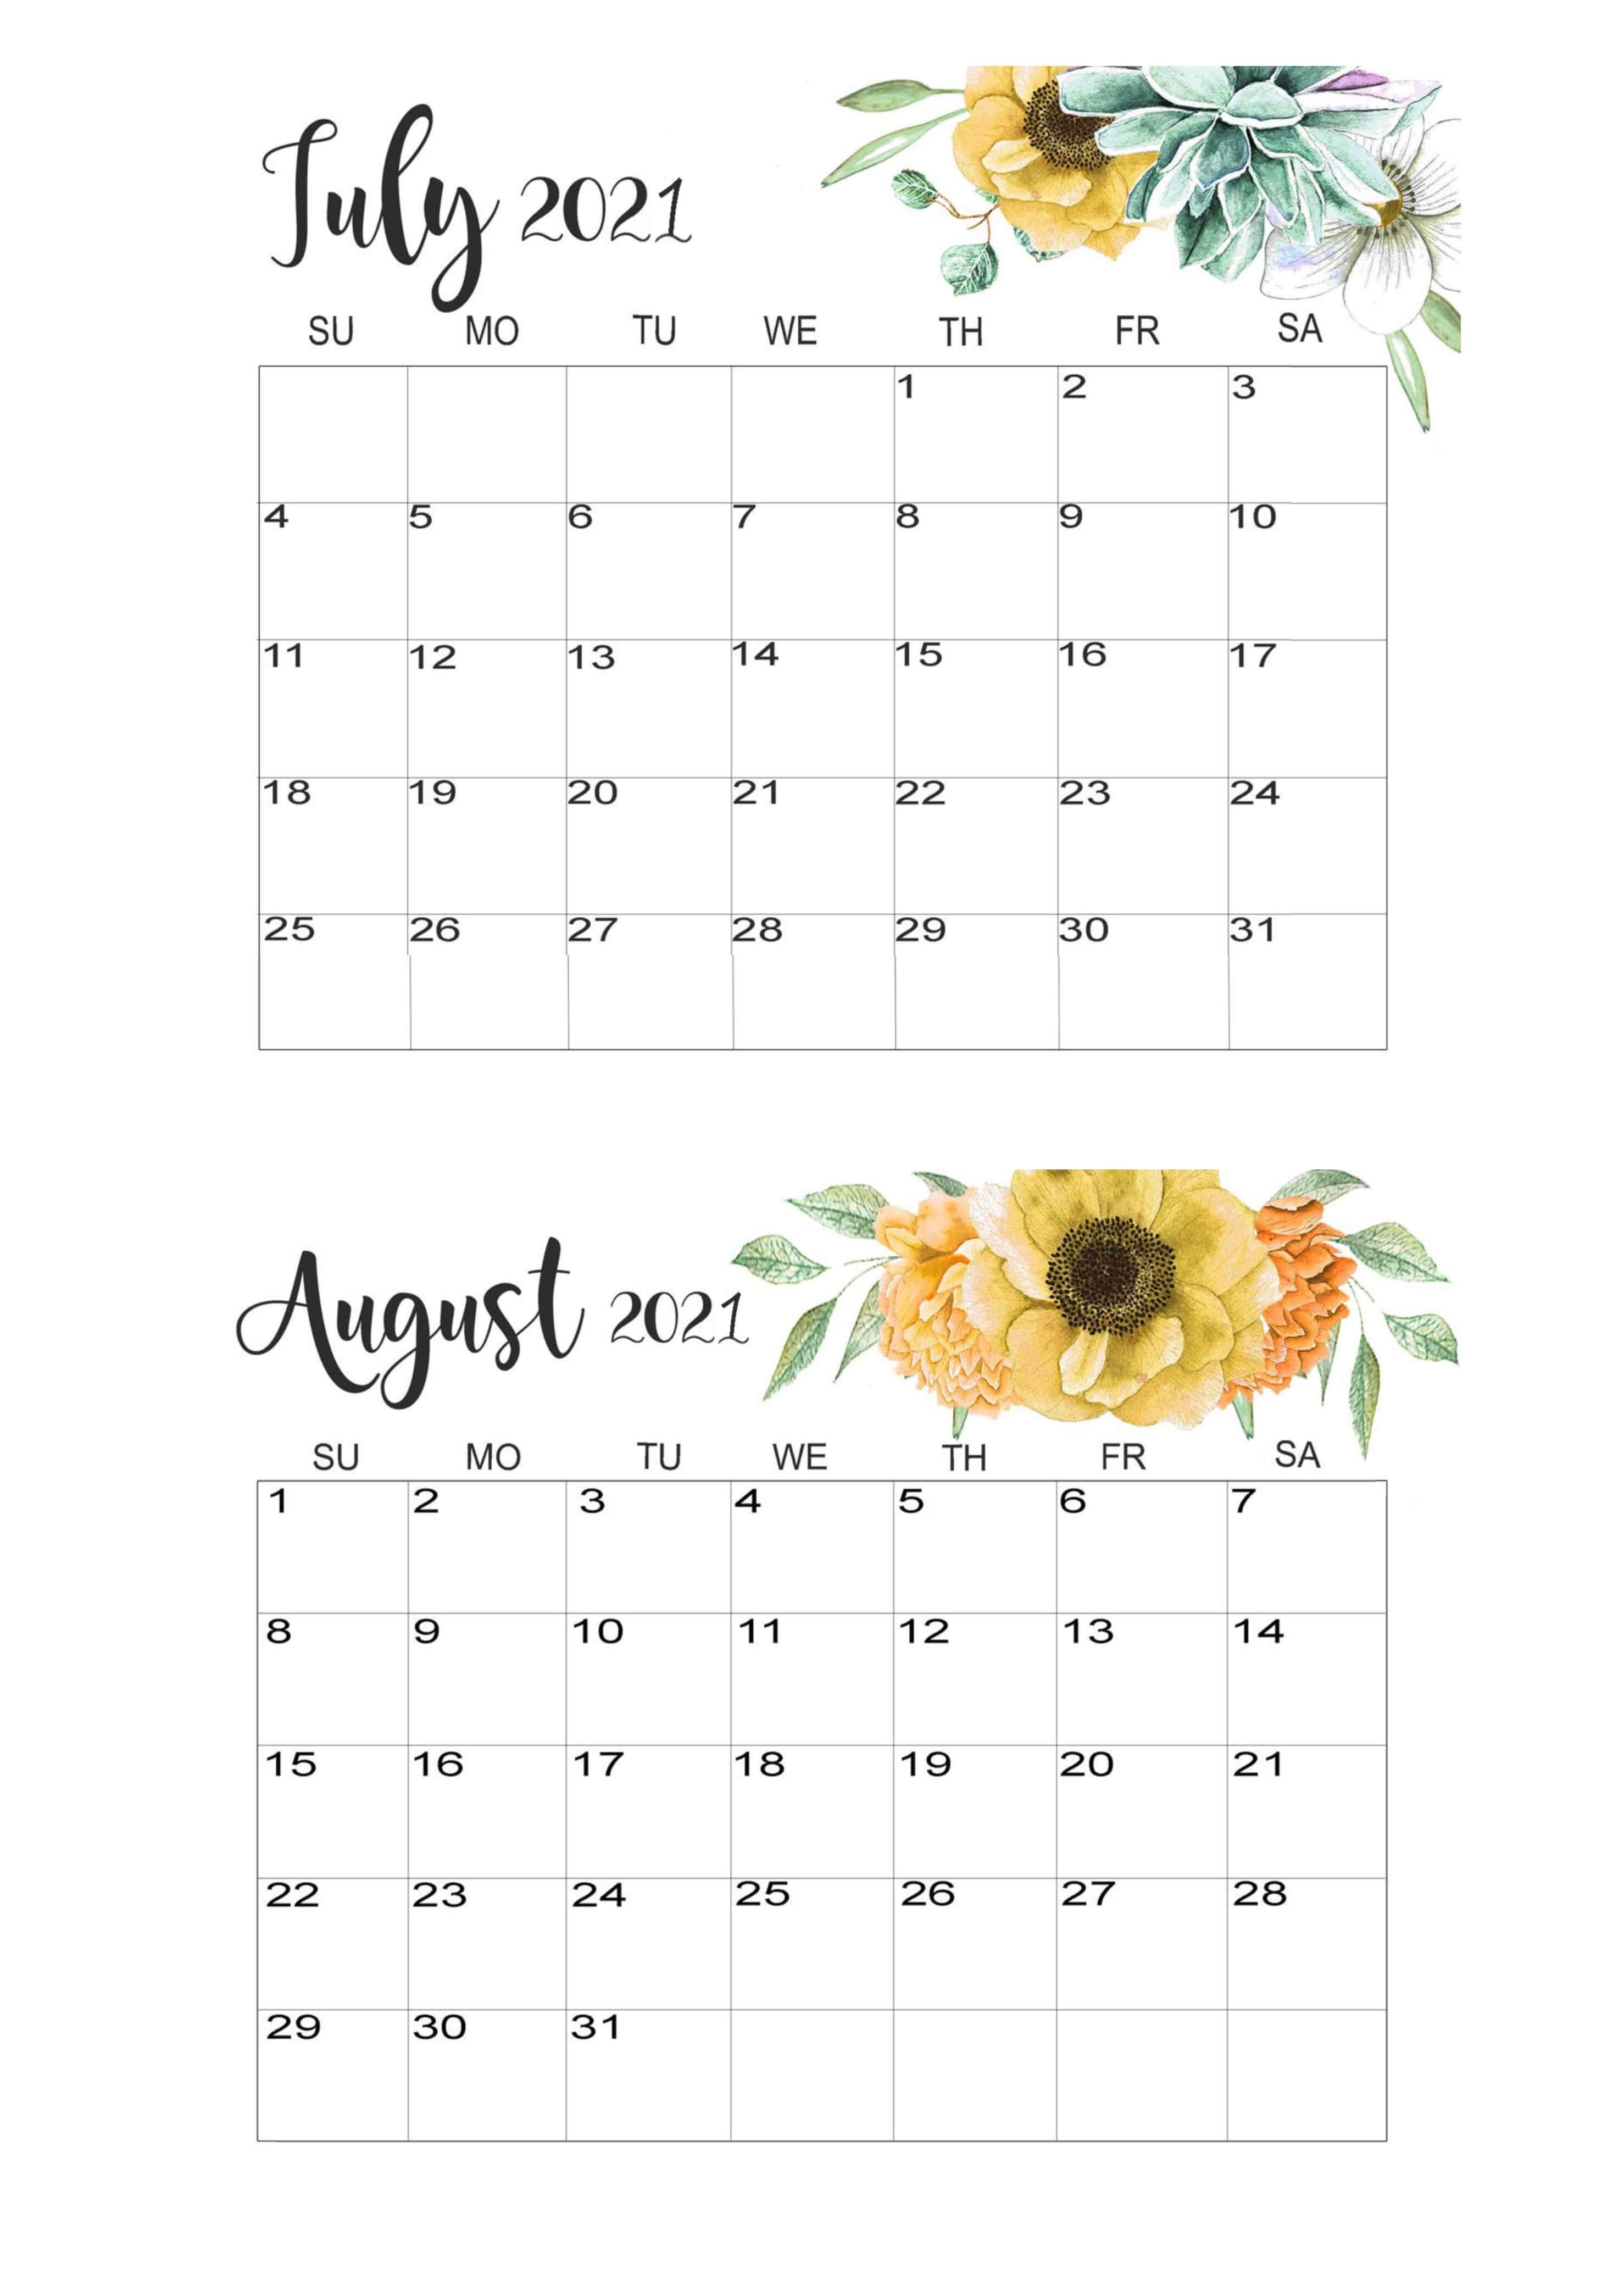 July August Calendar 2021 Template